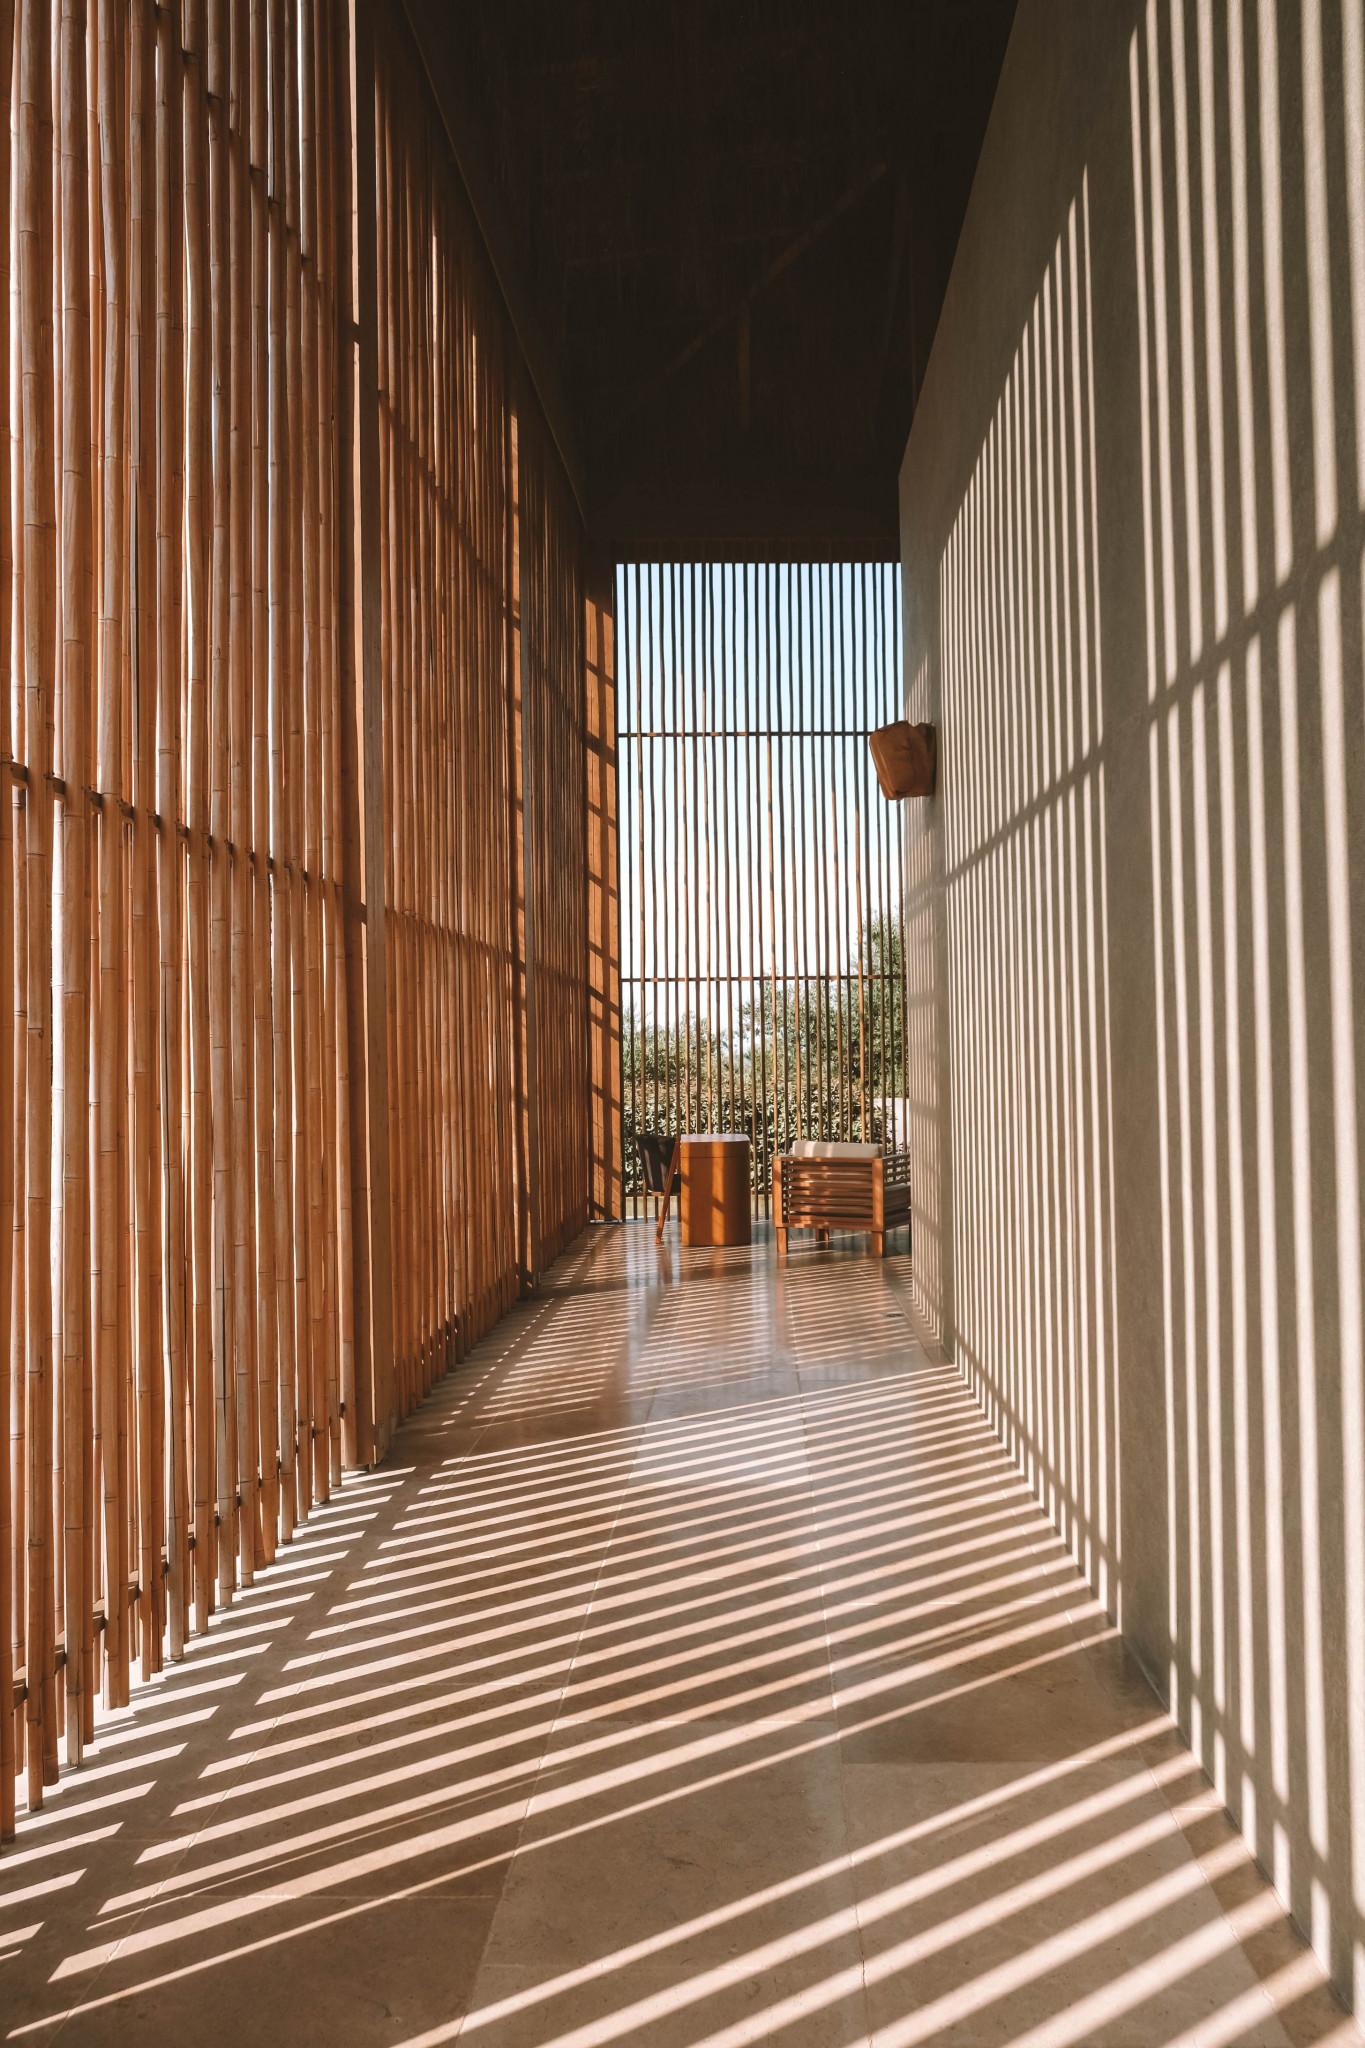 Grèce : Olea All Suite Hotel, bijou de design et de sérénite sur l'île de Zakynthos - 5